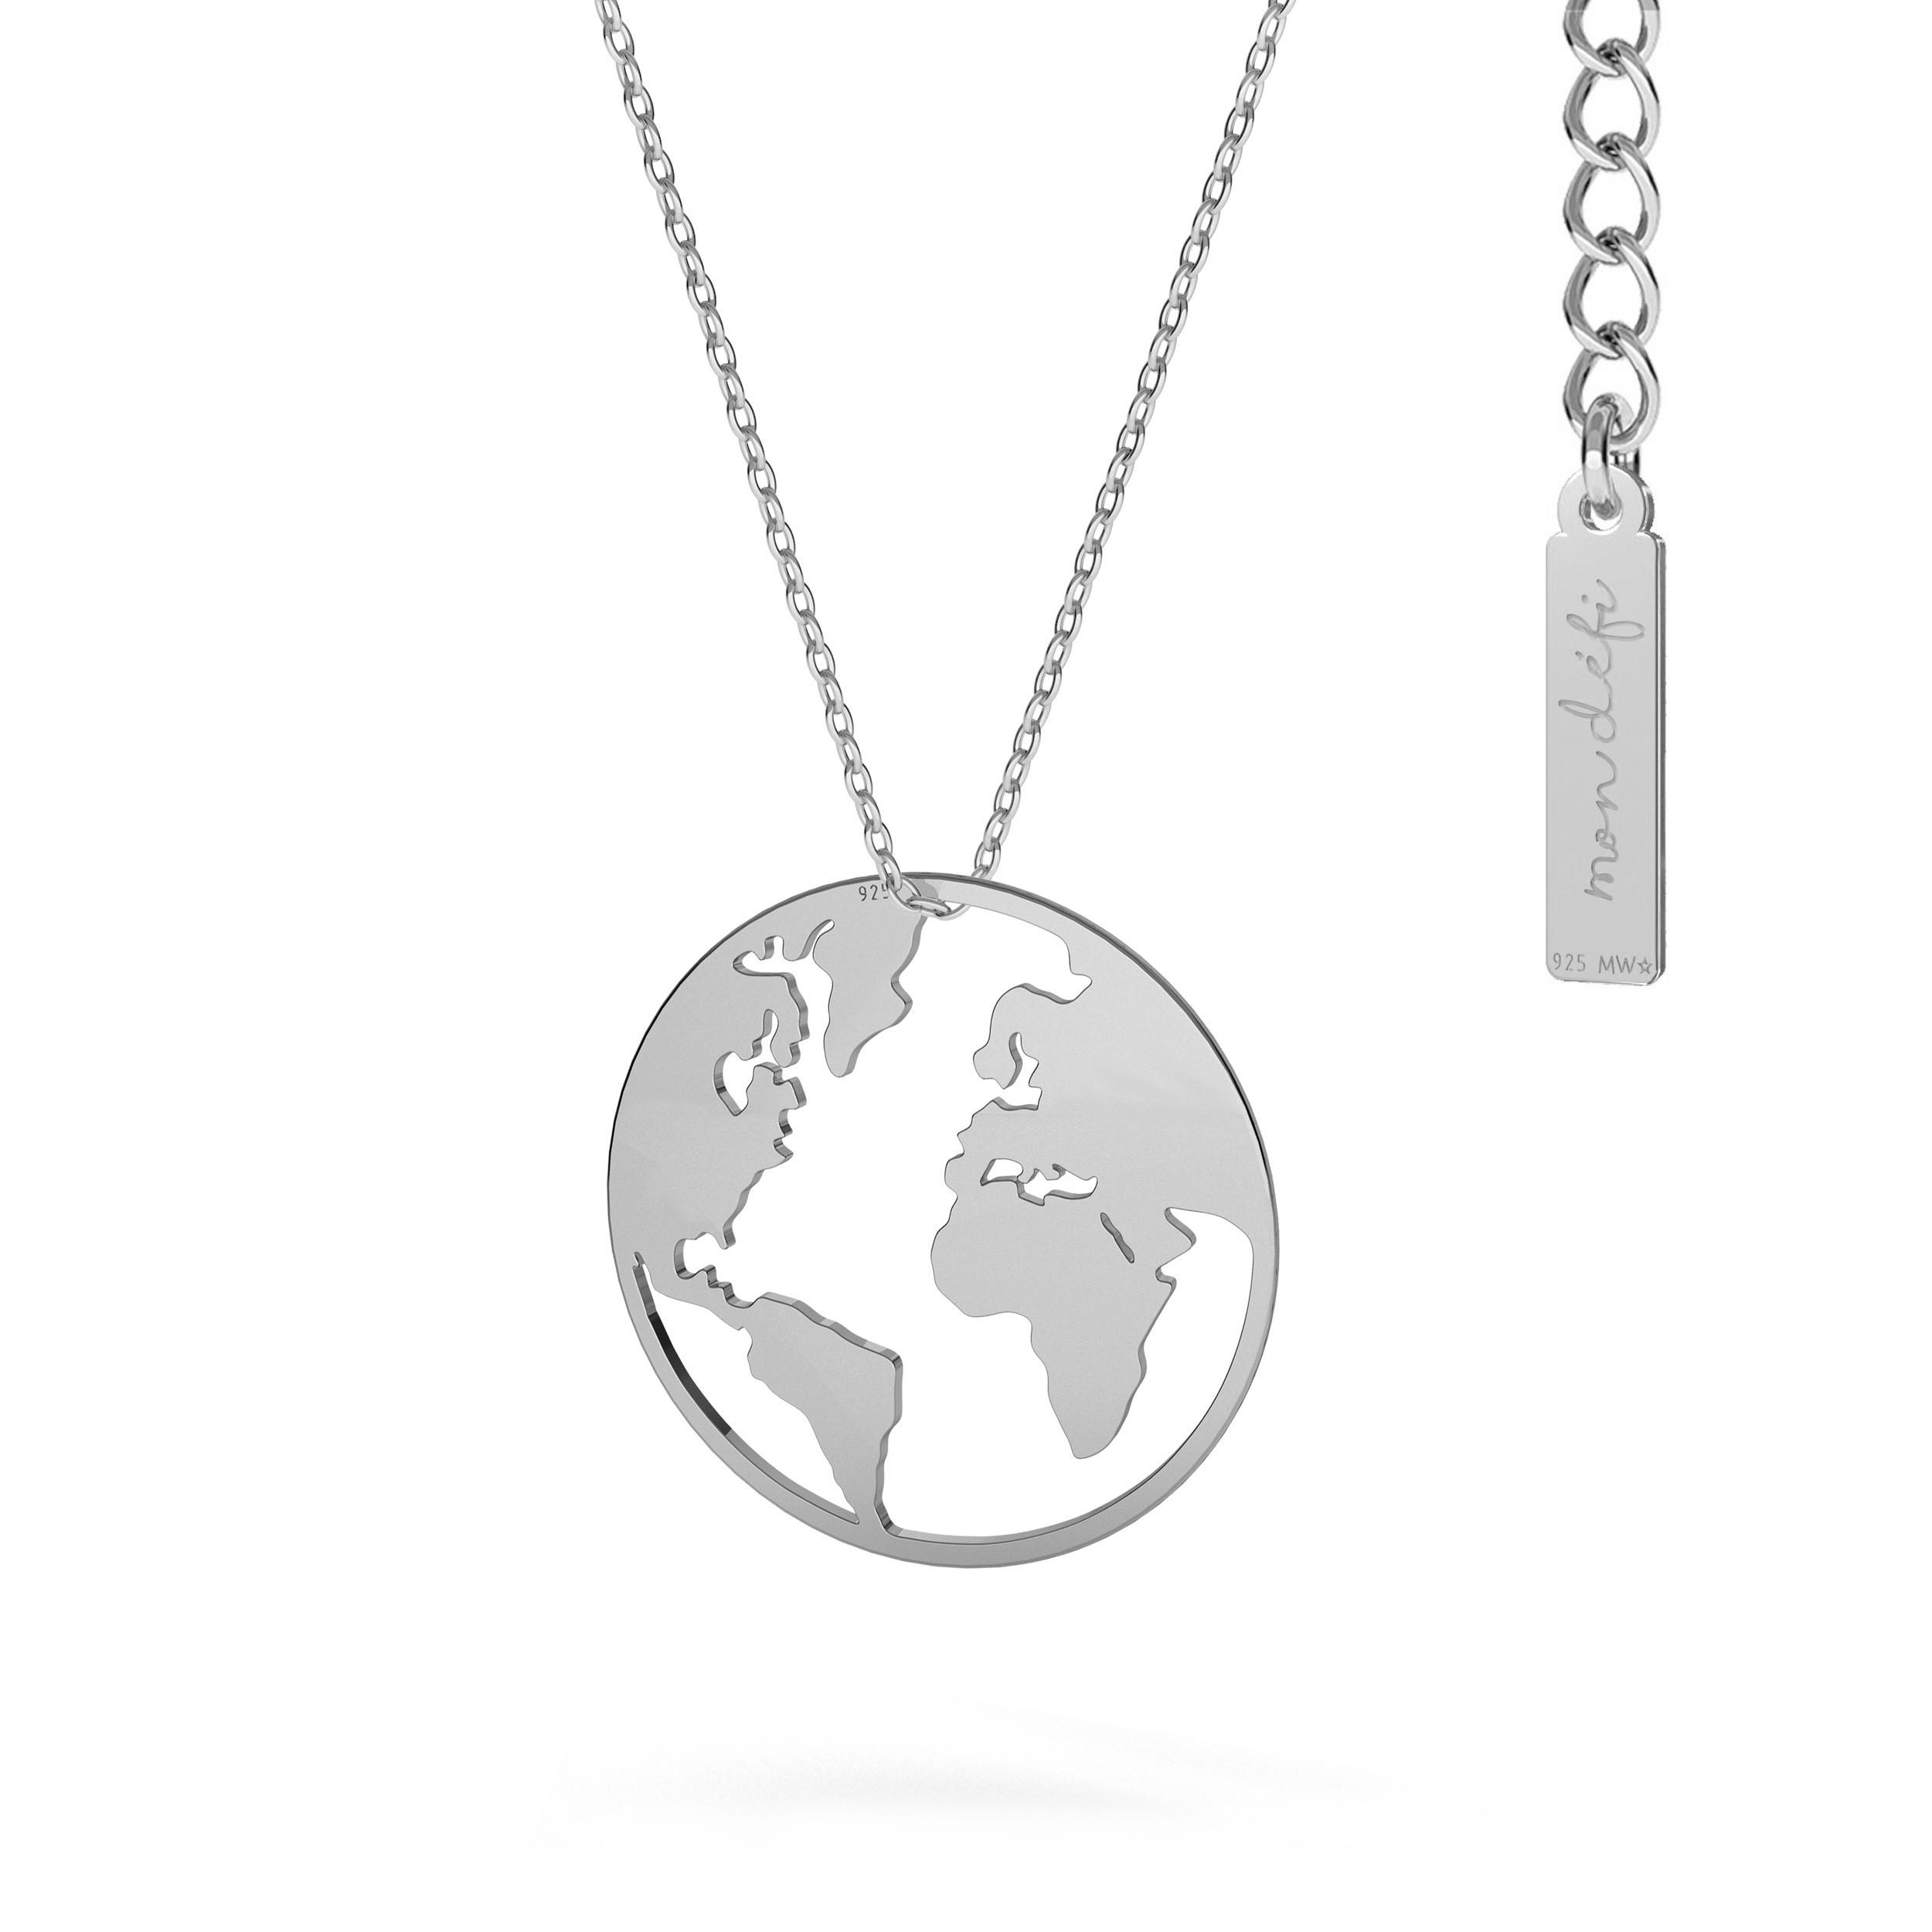 GLOBE necklace MON DÉFI sterling silver 925